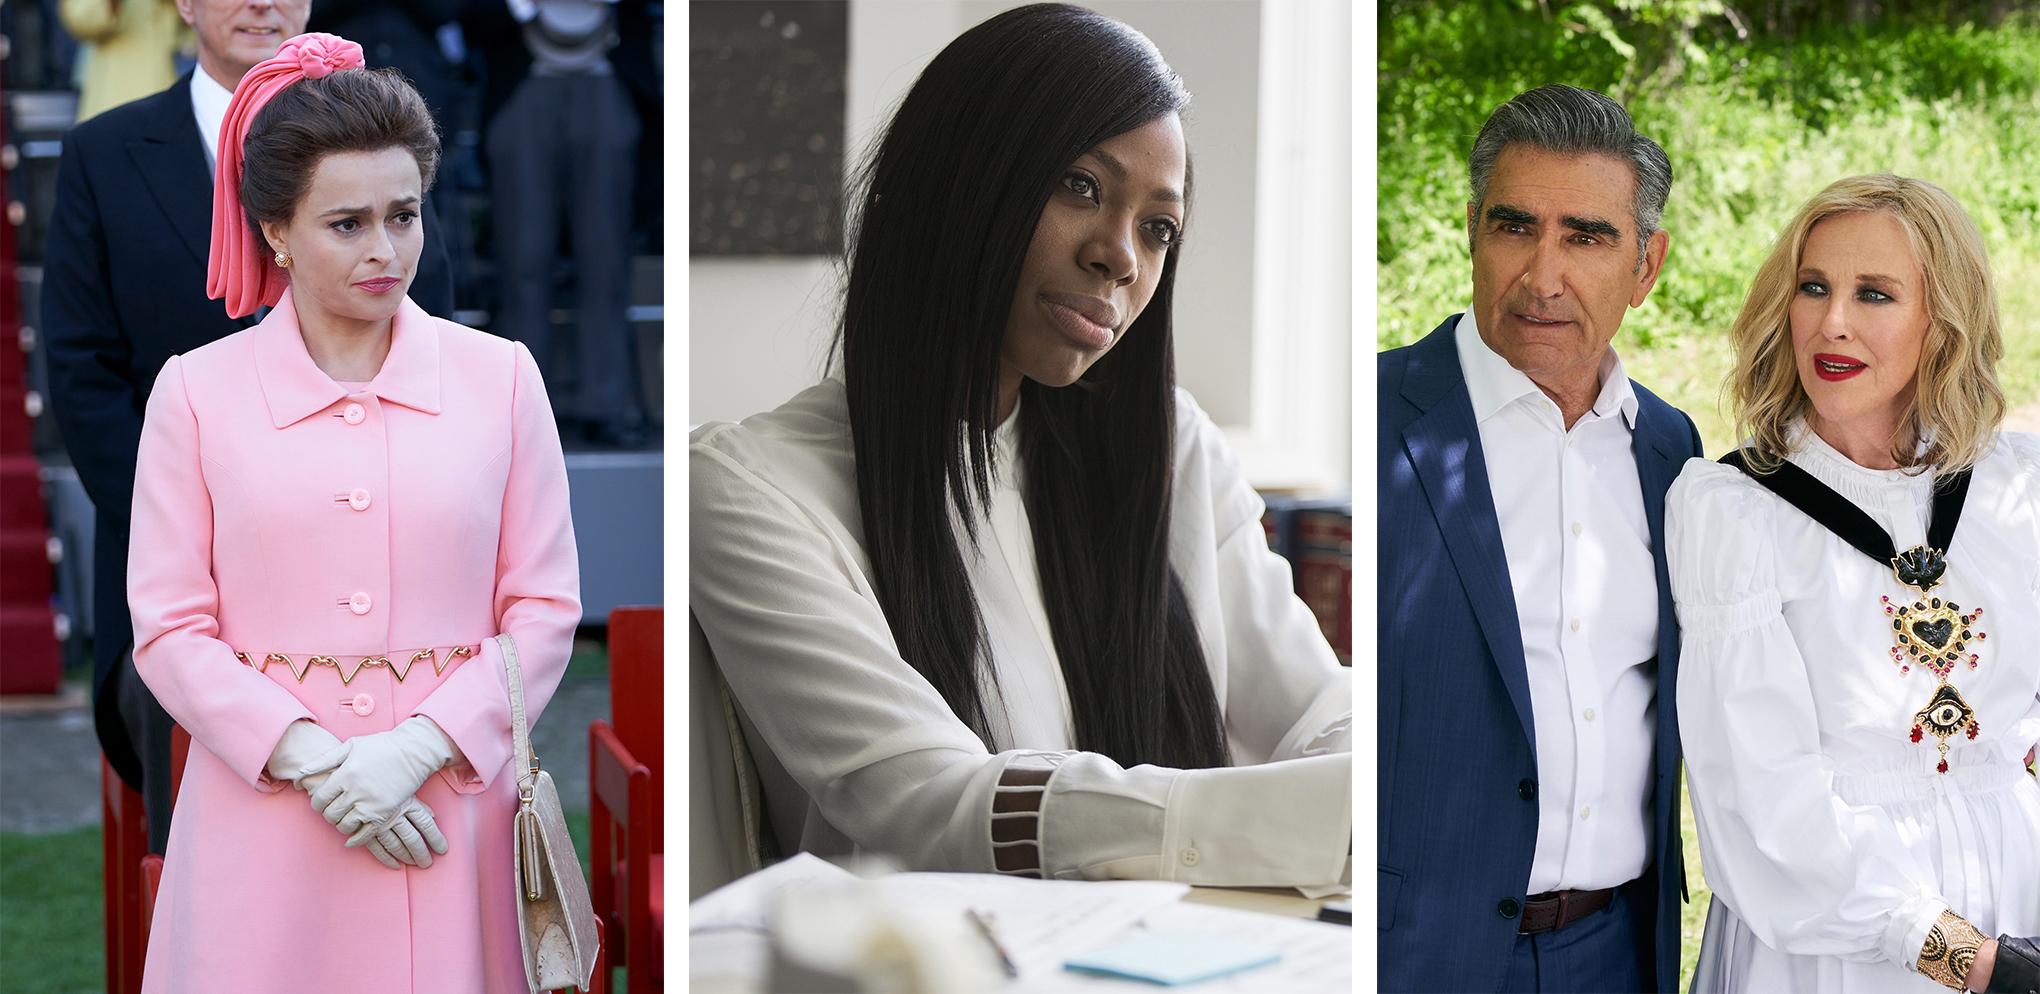 Emmys 2020 भविष्यवाणियों: कौन जीतेगा - और कौन चाहिए | समय